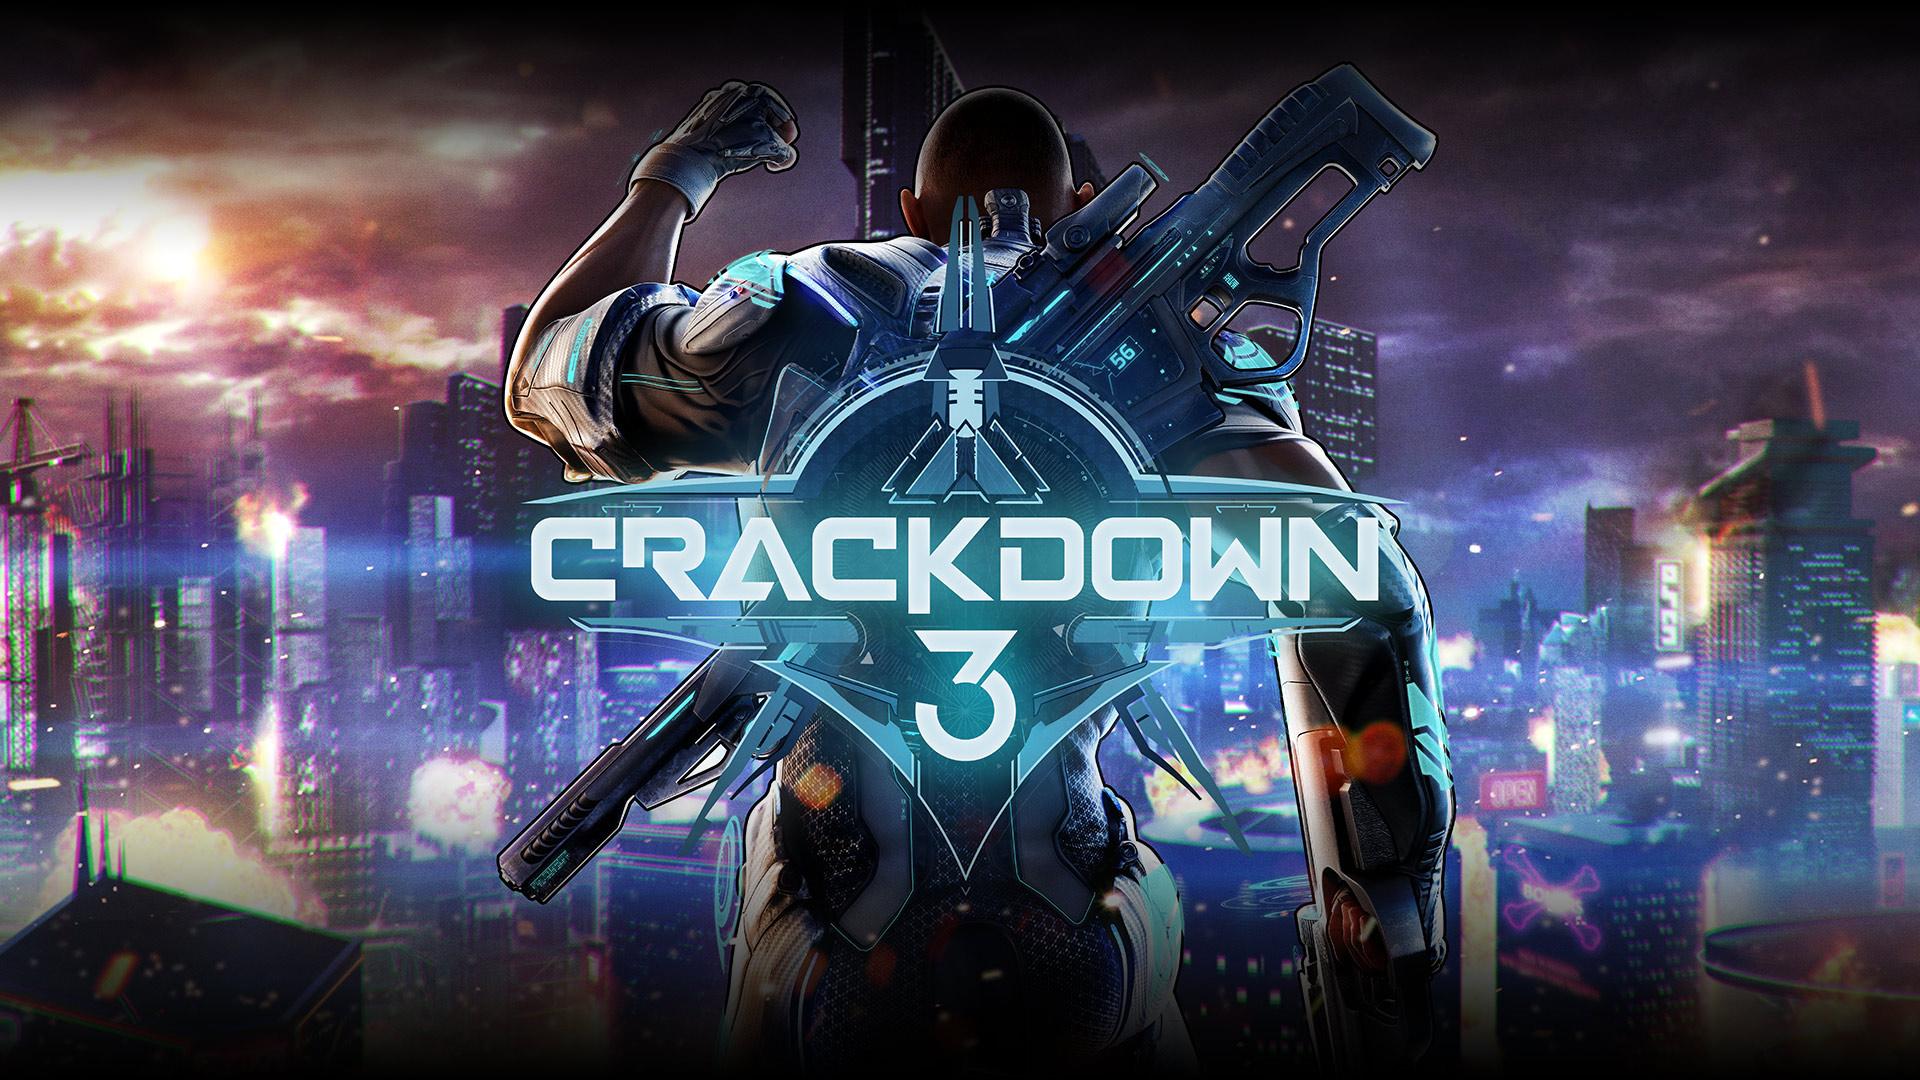 Nuevo adelanto de Crackdown 3 y lo que se viene en Xbox Game Pass, las novedades de febrero